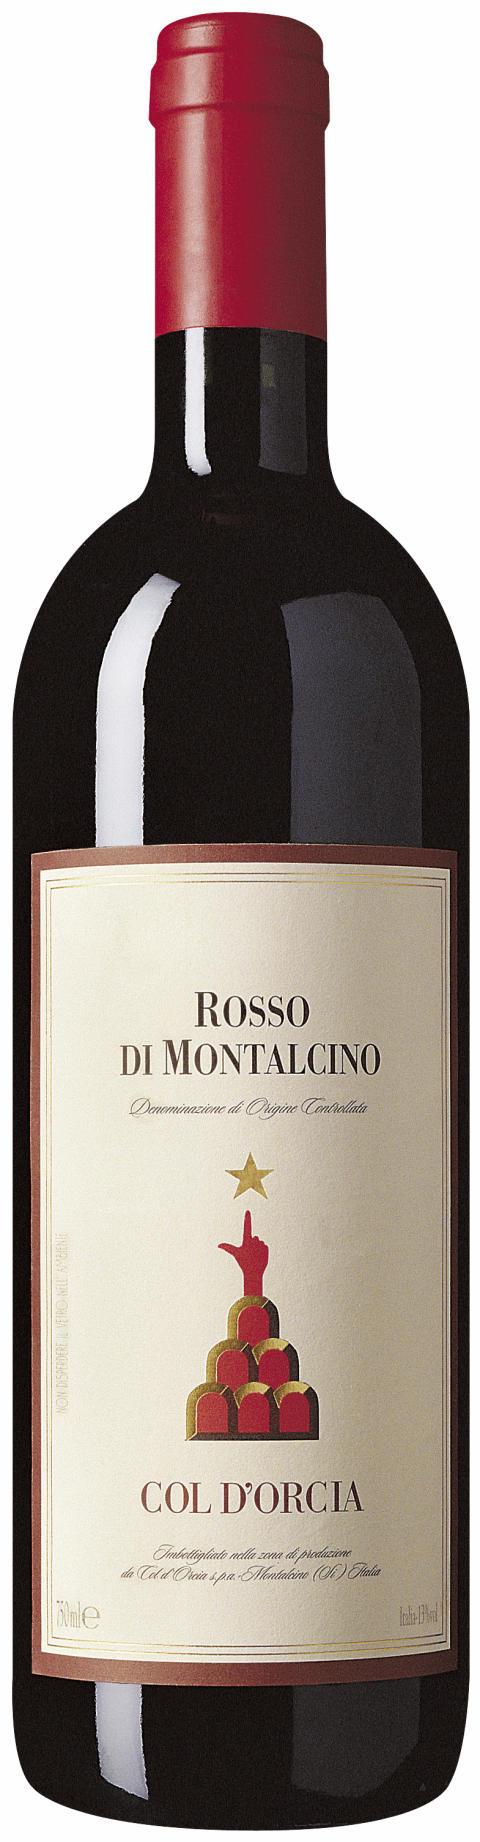 Col d'Orcia Rosso di Montalcino 2011/ Nr 70303 /Pris: 129 kr /Beställningssortimentet